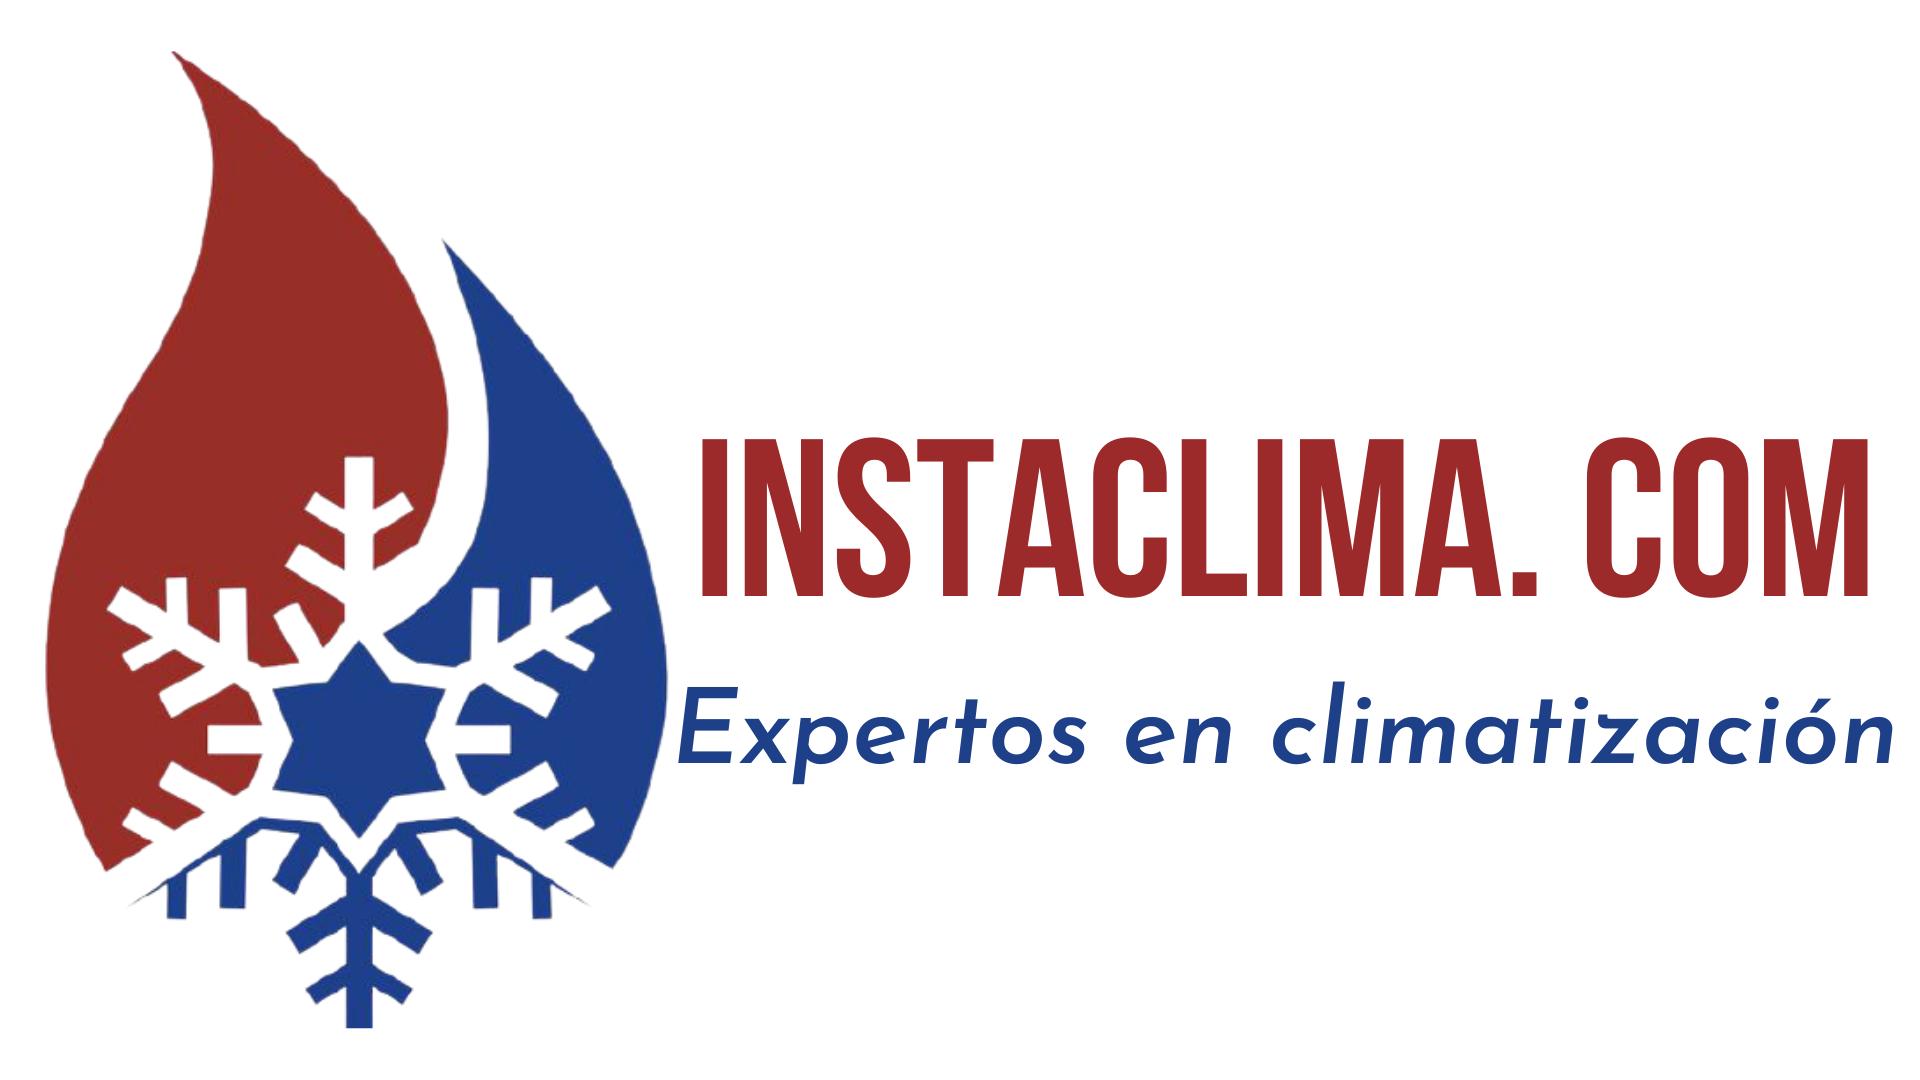 Instaclima.com